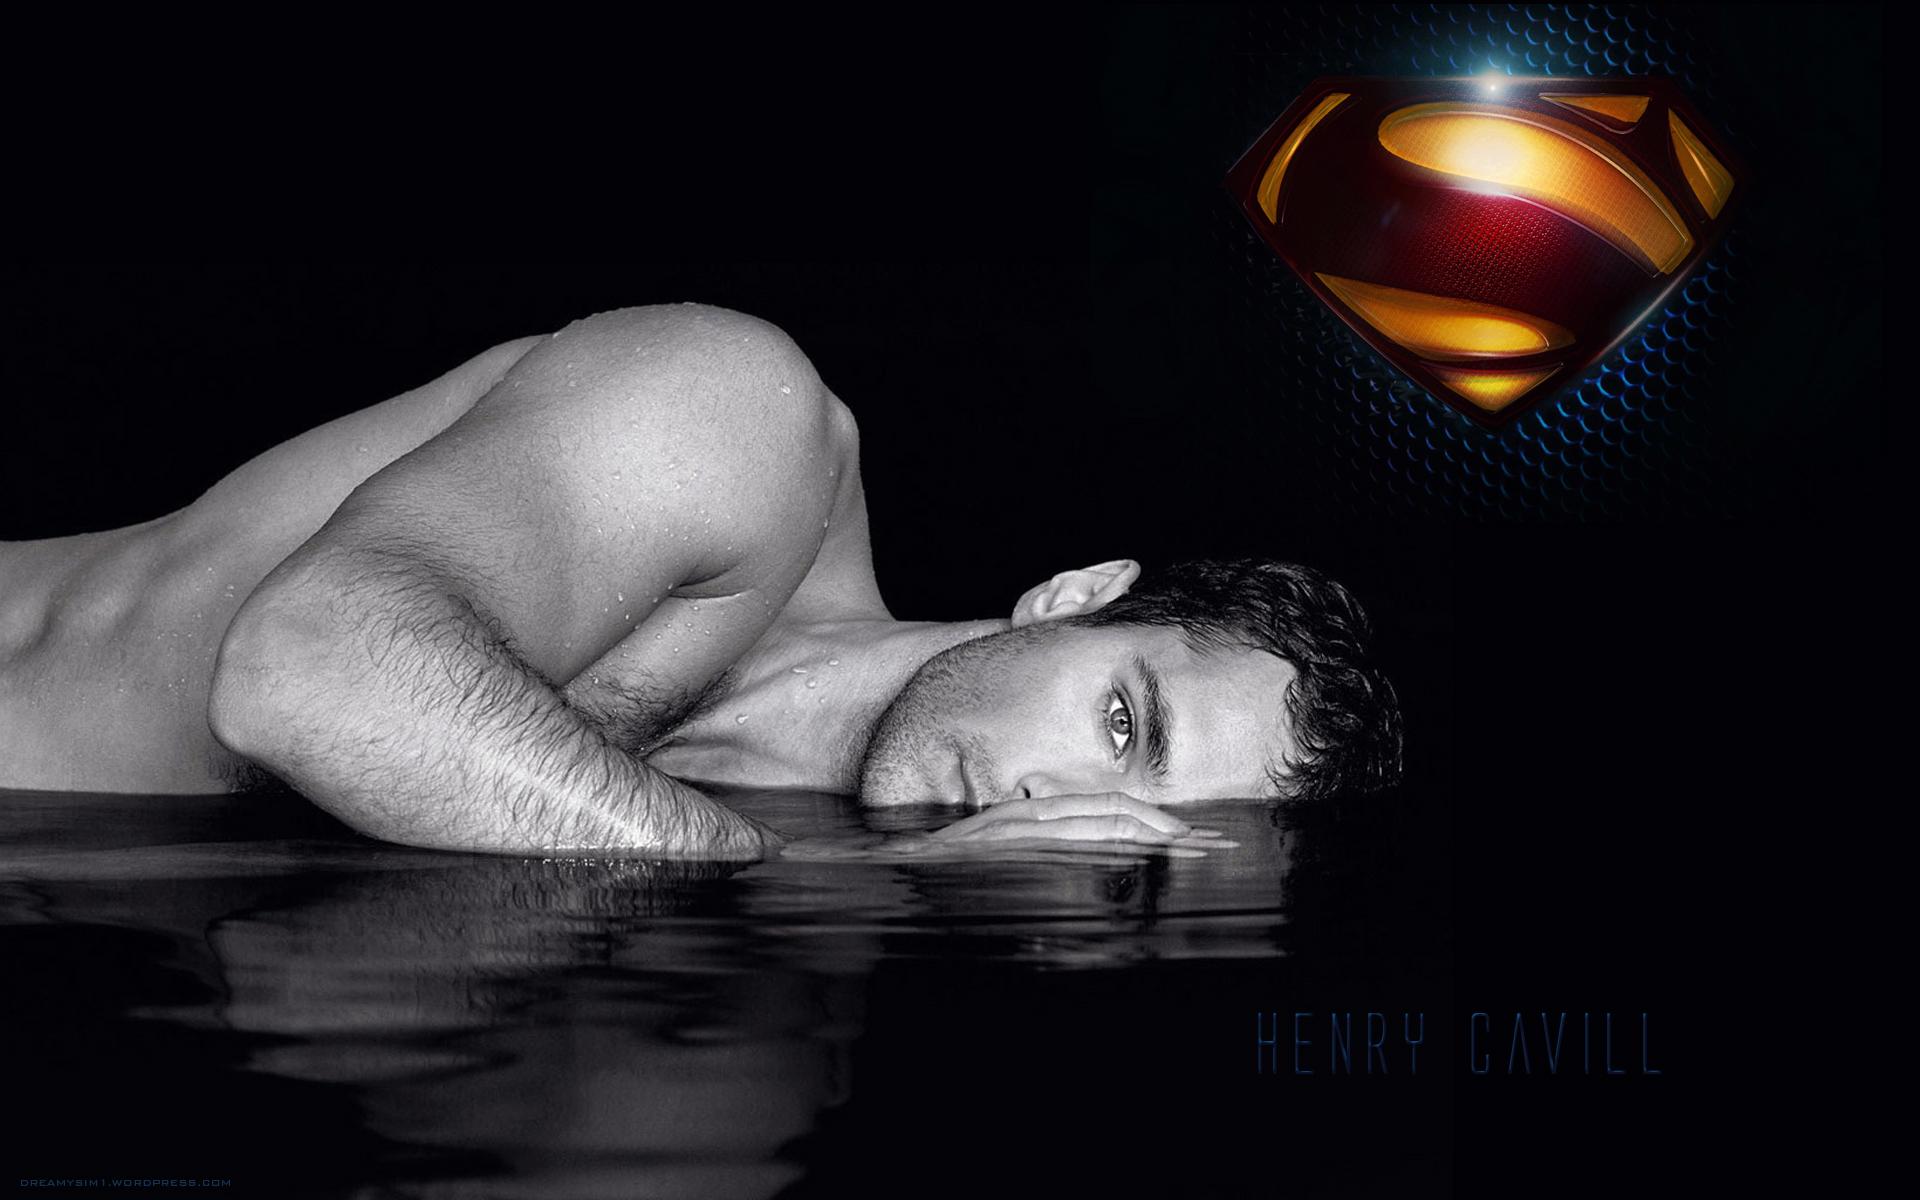 Henry Cavill Superman Wallpaper | Wallpup.com